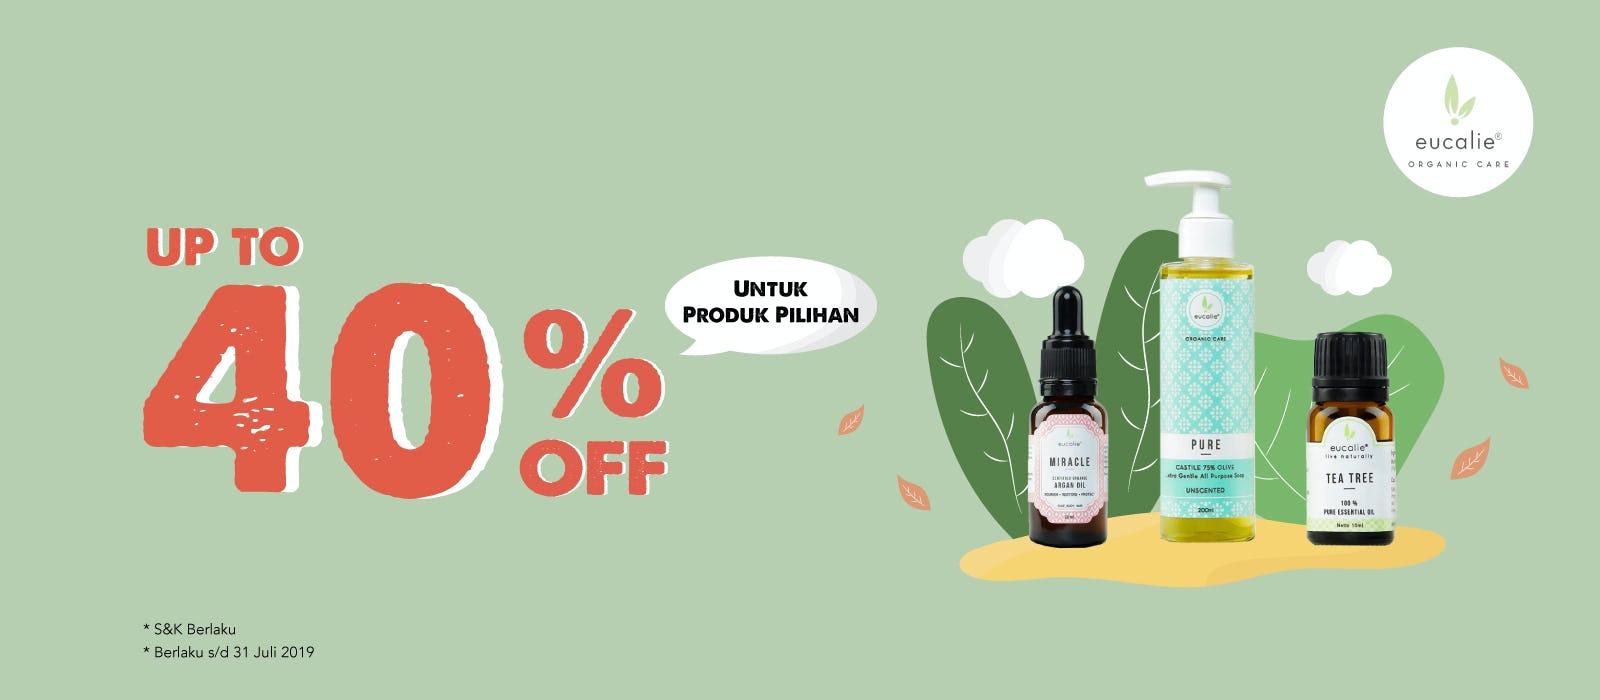 Eucalie Up To 40% OFF Produk Pilihan